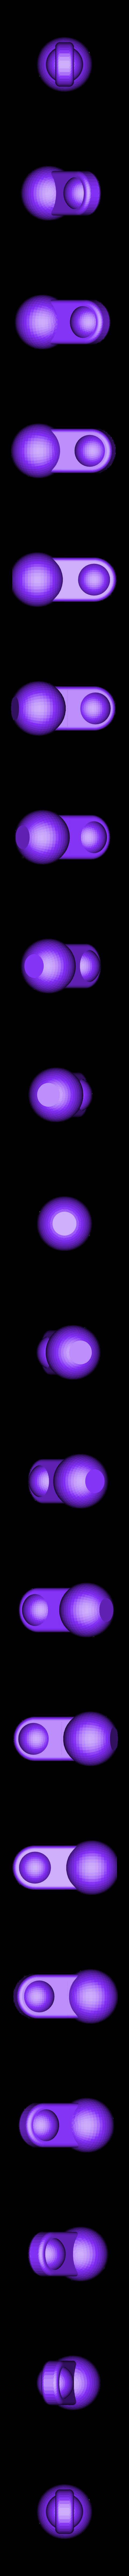 v2_thumb_6mm_ball_hinge.stl Télécharger fichier STL gratuit TRANSFORMERS CW POSABLE HANDS 2.0 • Design pour impression 3D, sickofyou